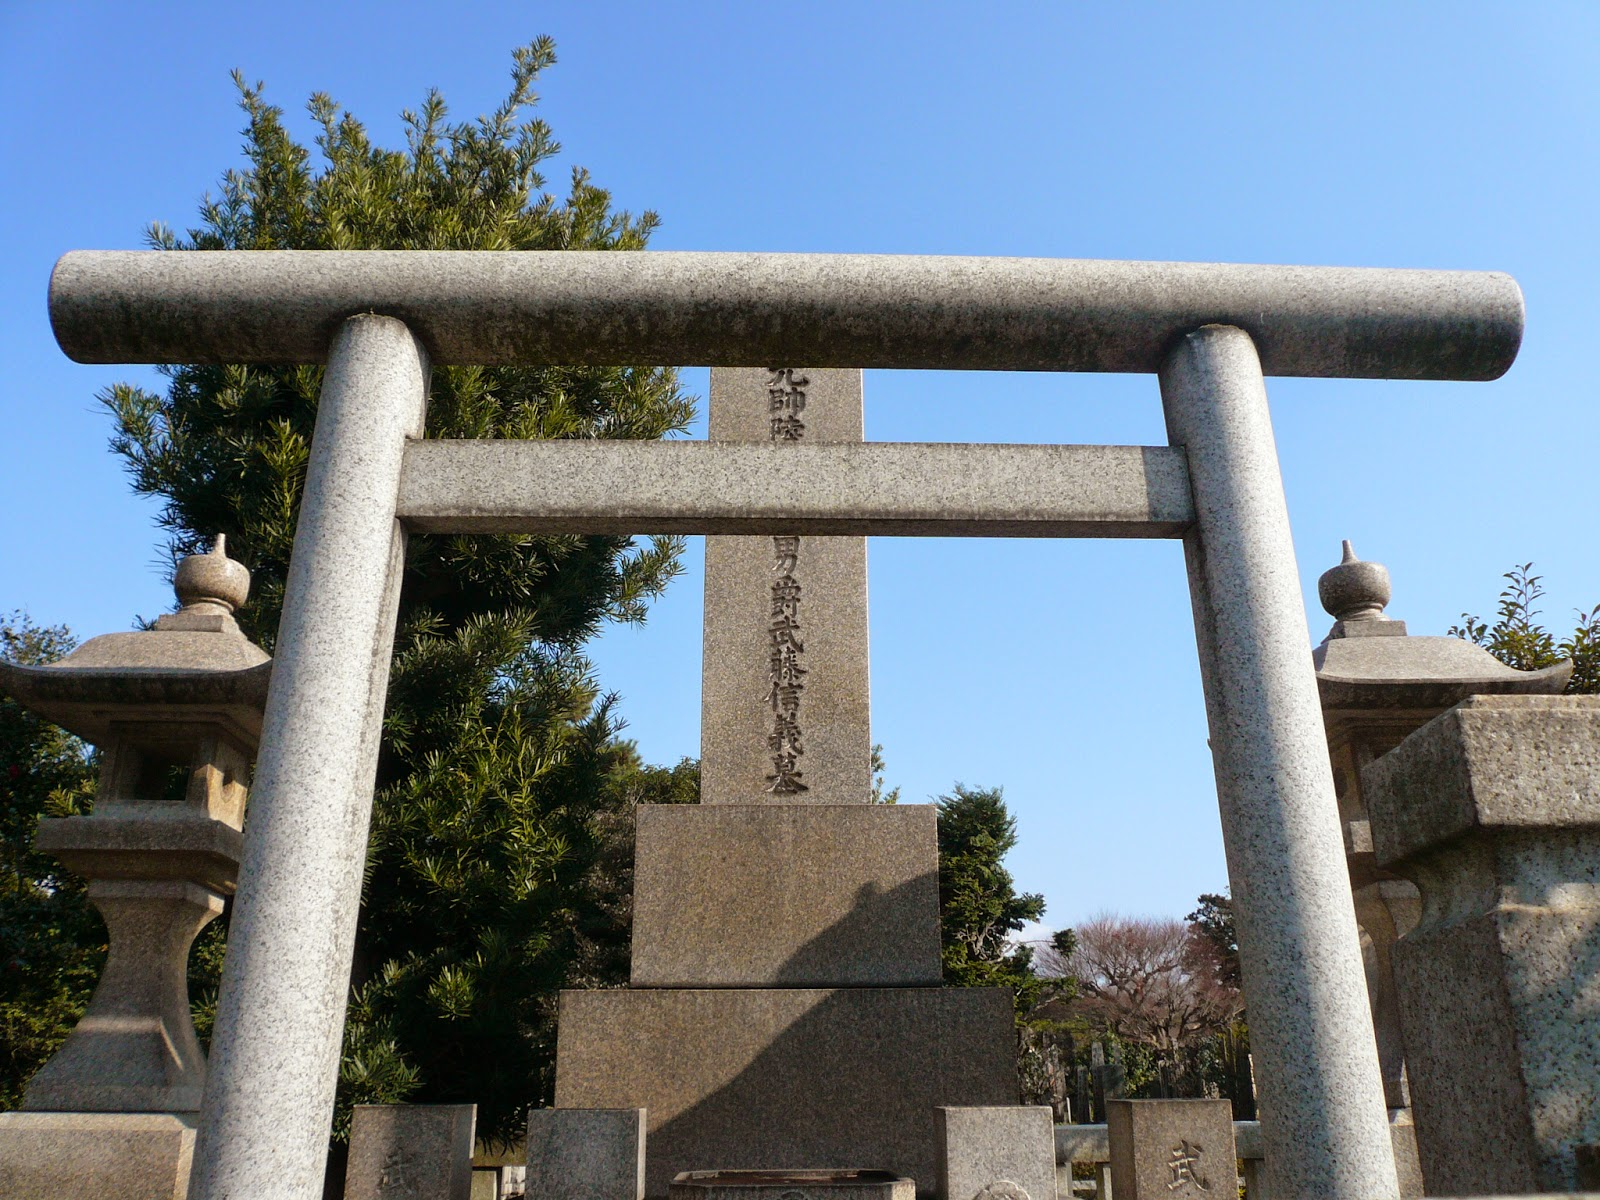 墓マイラーが行く。: 武藤信義(むとう のぶよし)